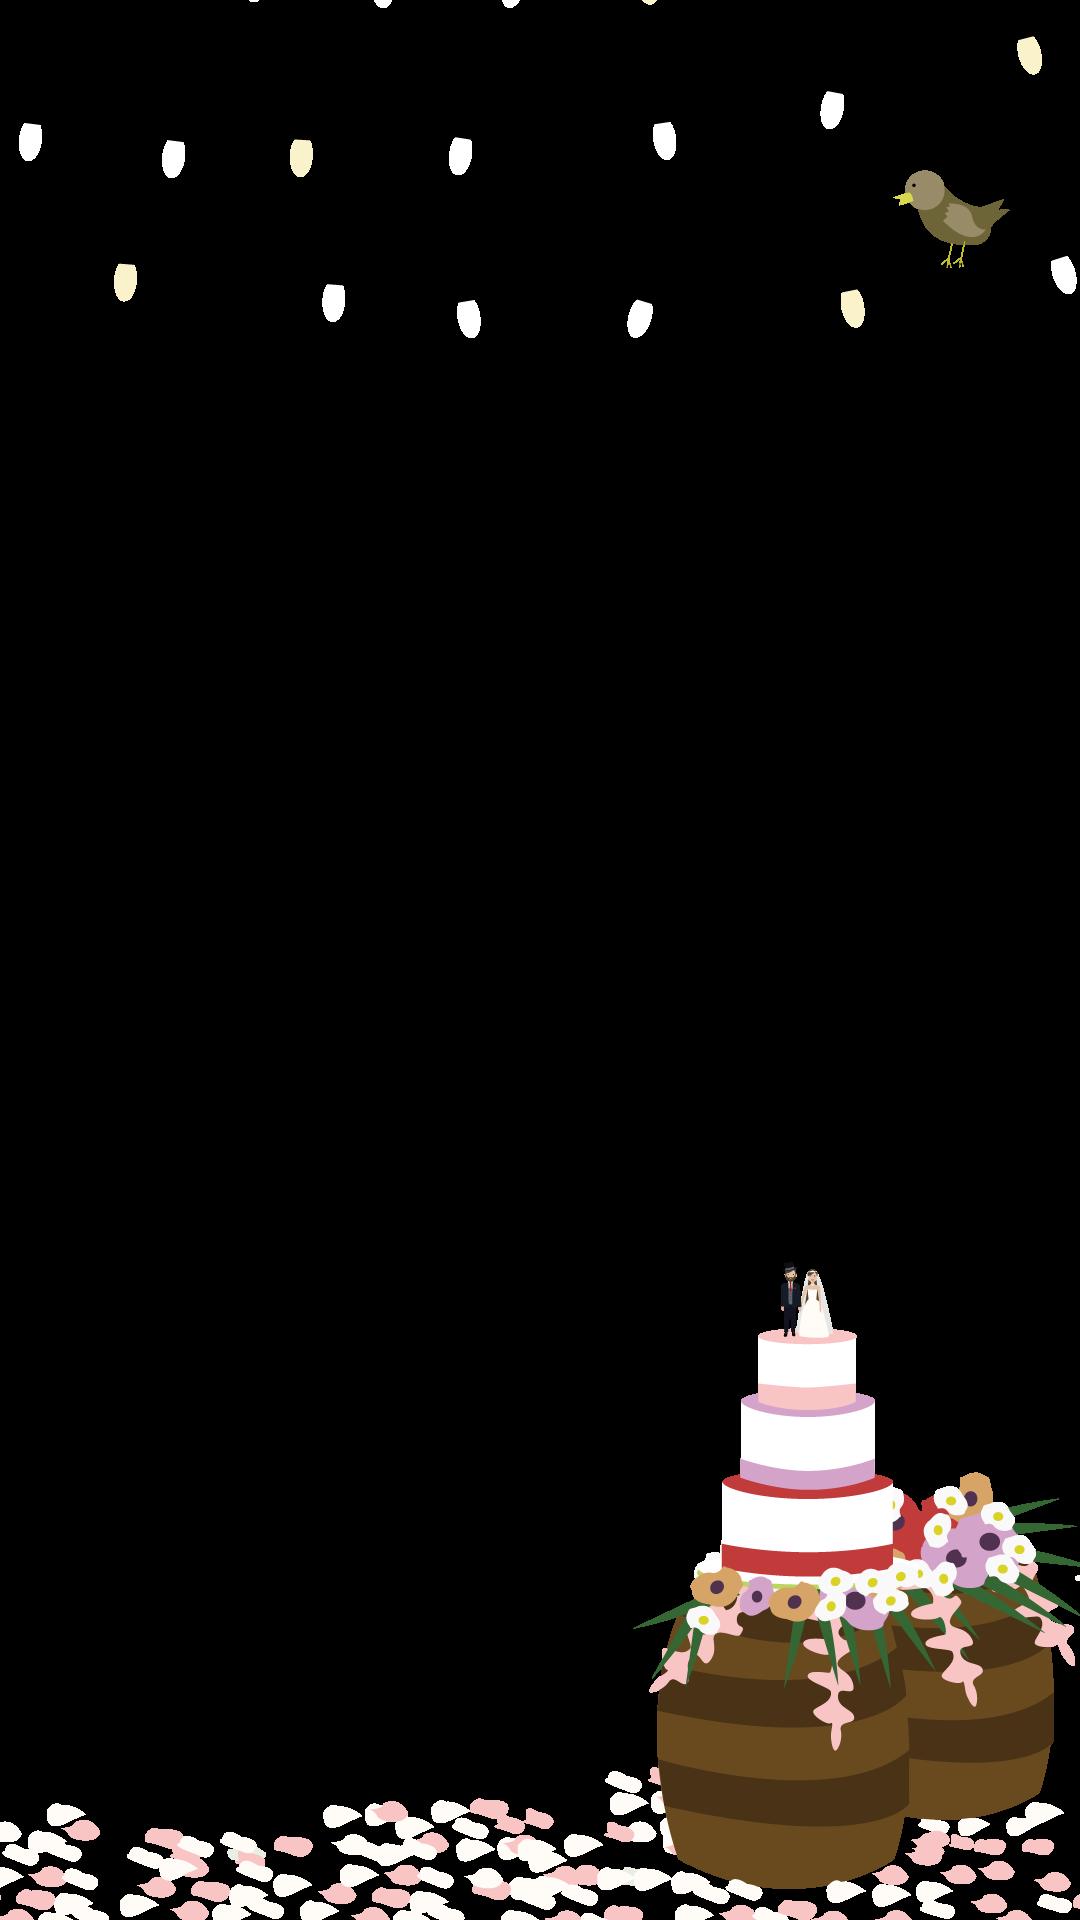 Rustic wedding snapchat filter geofilter maker on filterpop for Snapchat filters maker